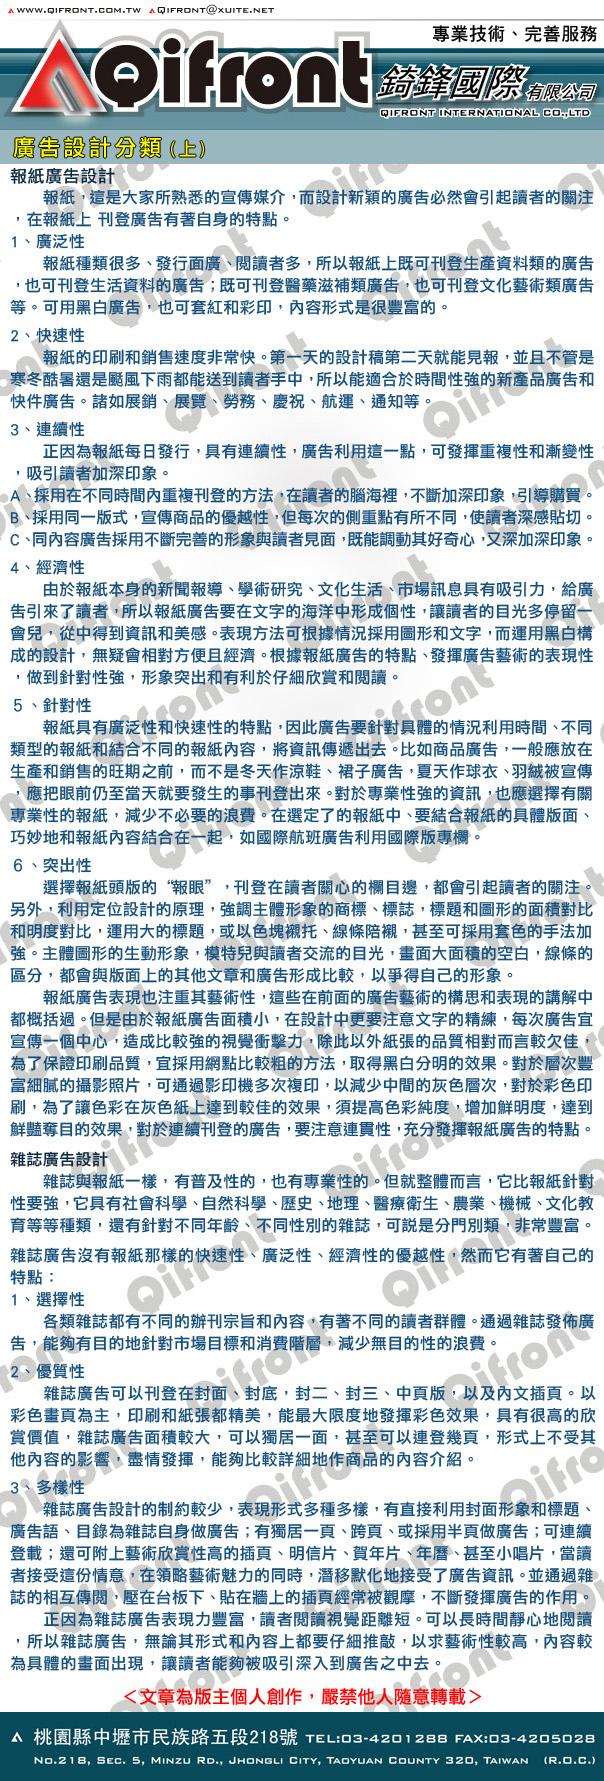 廣告設計分類(上)-錡鋒文章圖檔